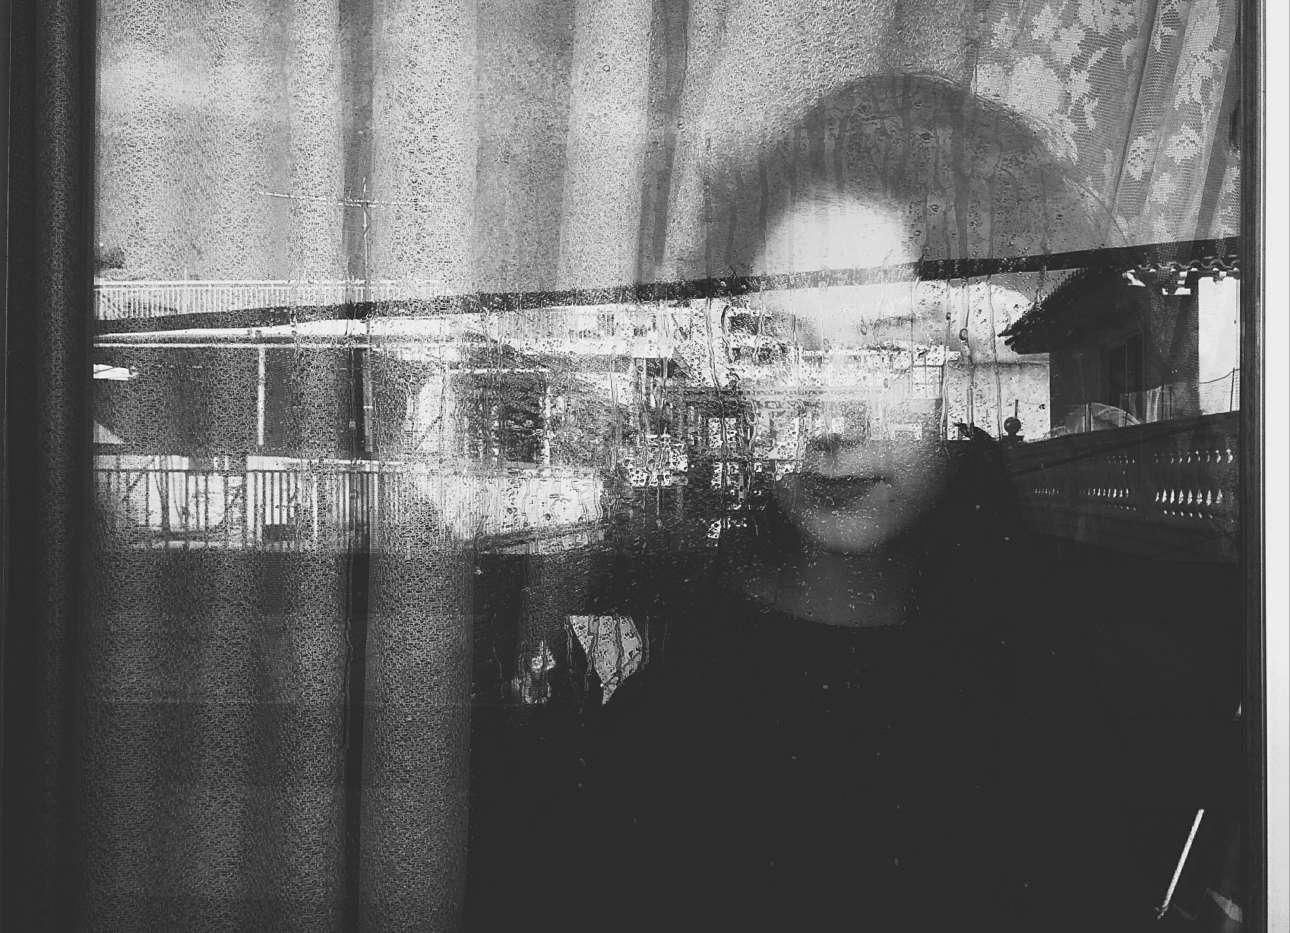 Η ελληνίδα φωτογράφος Kelly Ts βάζει την εξαδέλφη της πίσω από ένα παράθυρο και παίζει με τις αντανακλάσεις, μια μέρα του Απριλίου